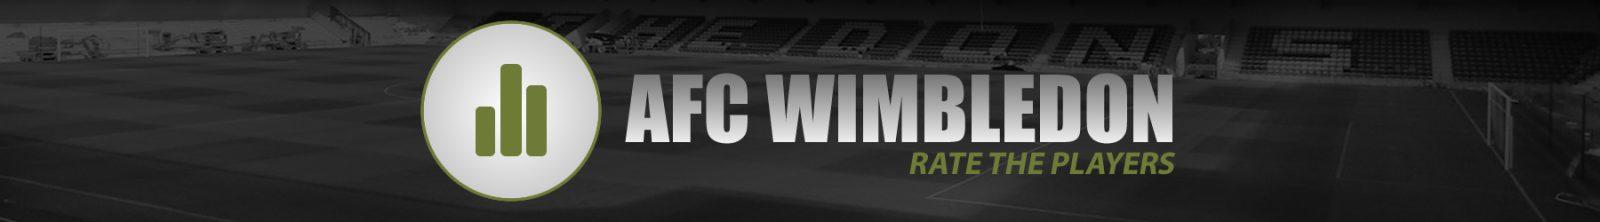 Rate AFC Wimbledon